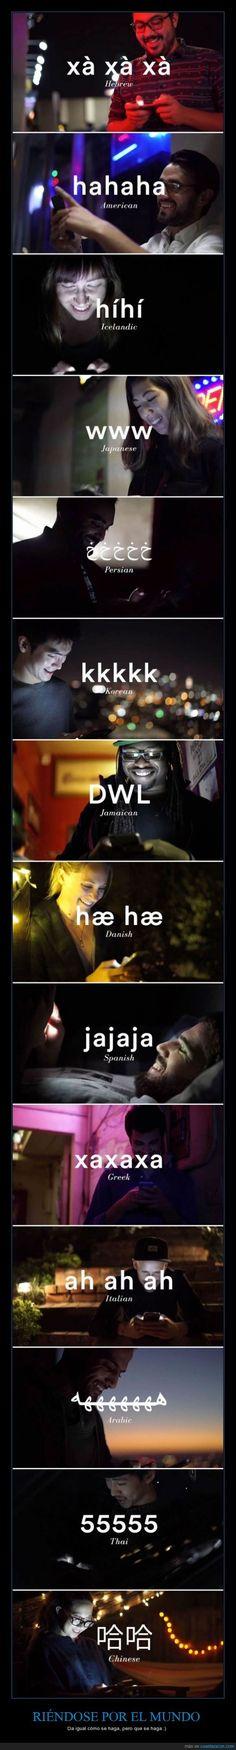 Lo importante es reírse mucho :) - Da igual cómo se haga, pero que se haga :)